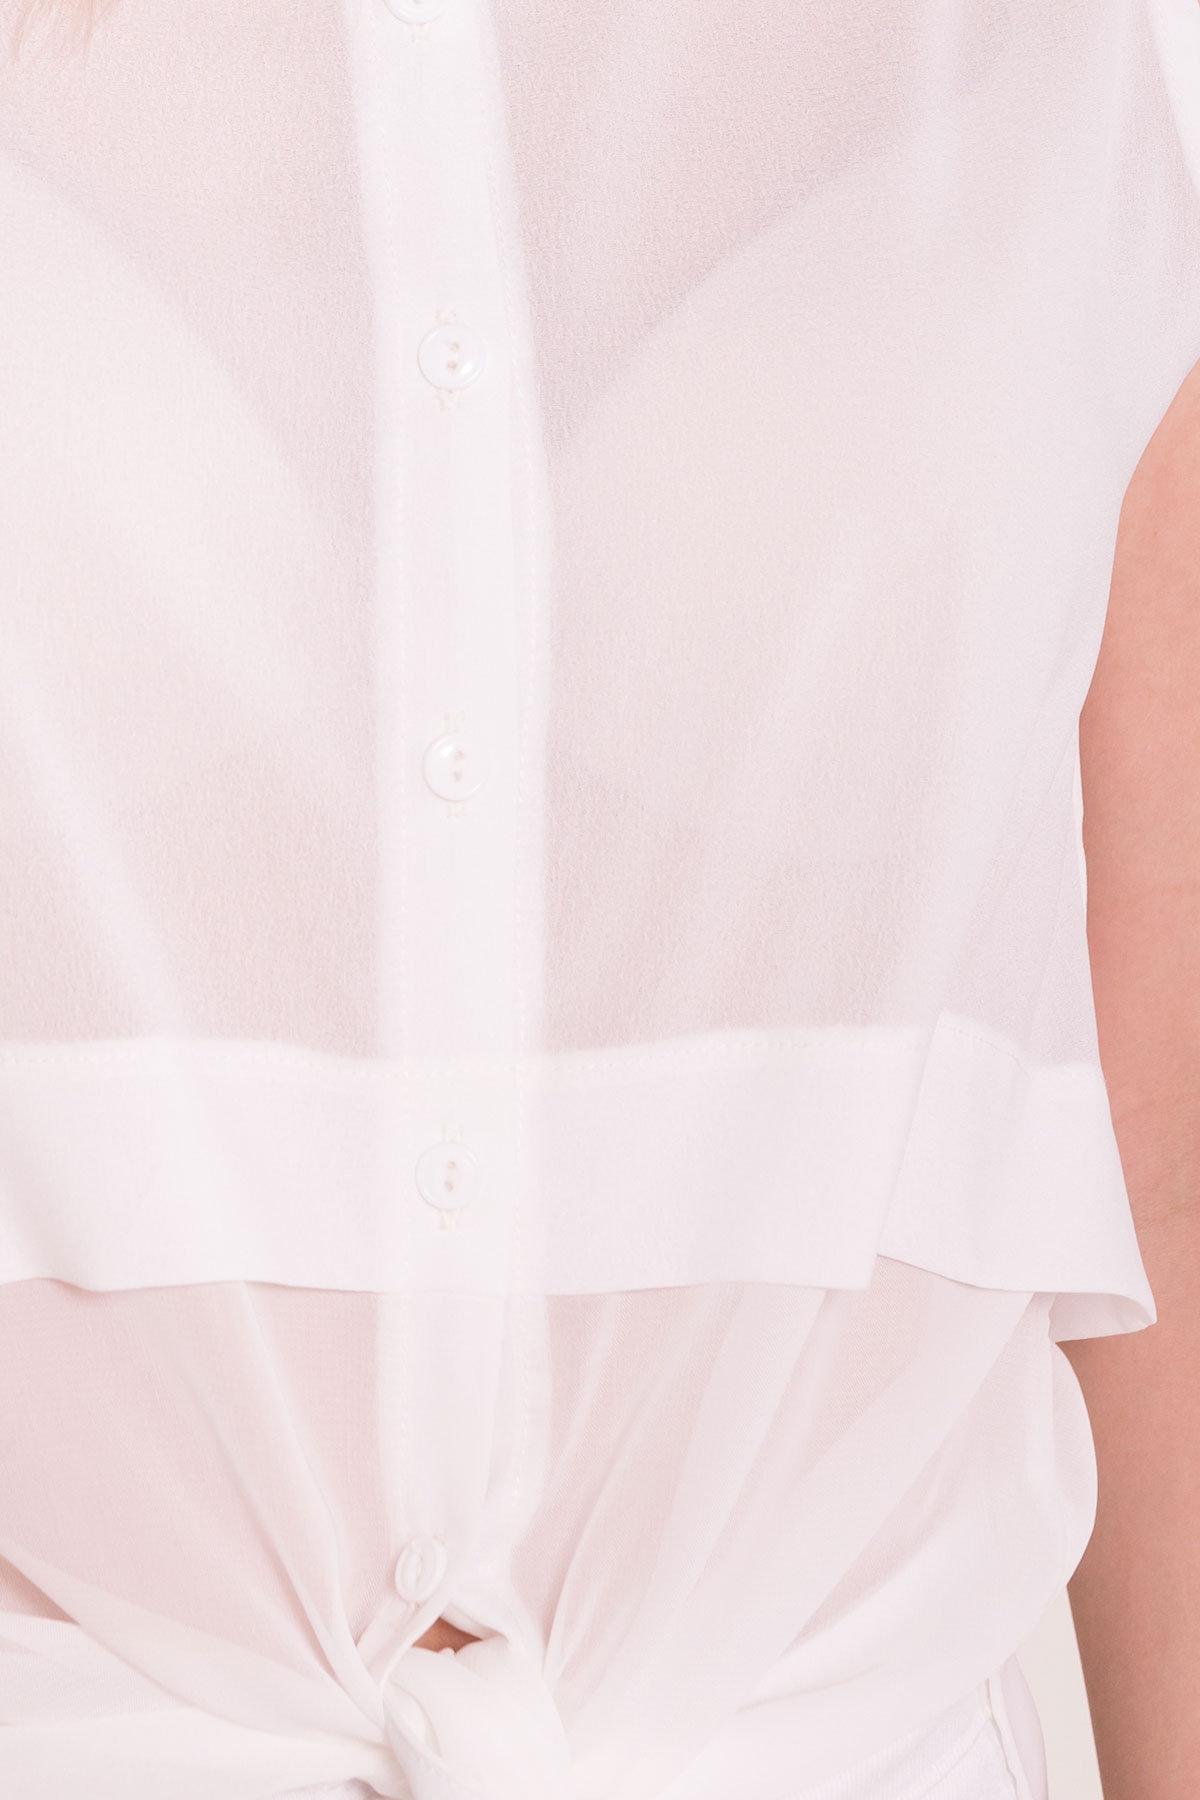 Рубашка без рукавов Дива 7532 Цвет: Молоко